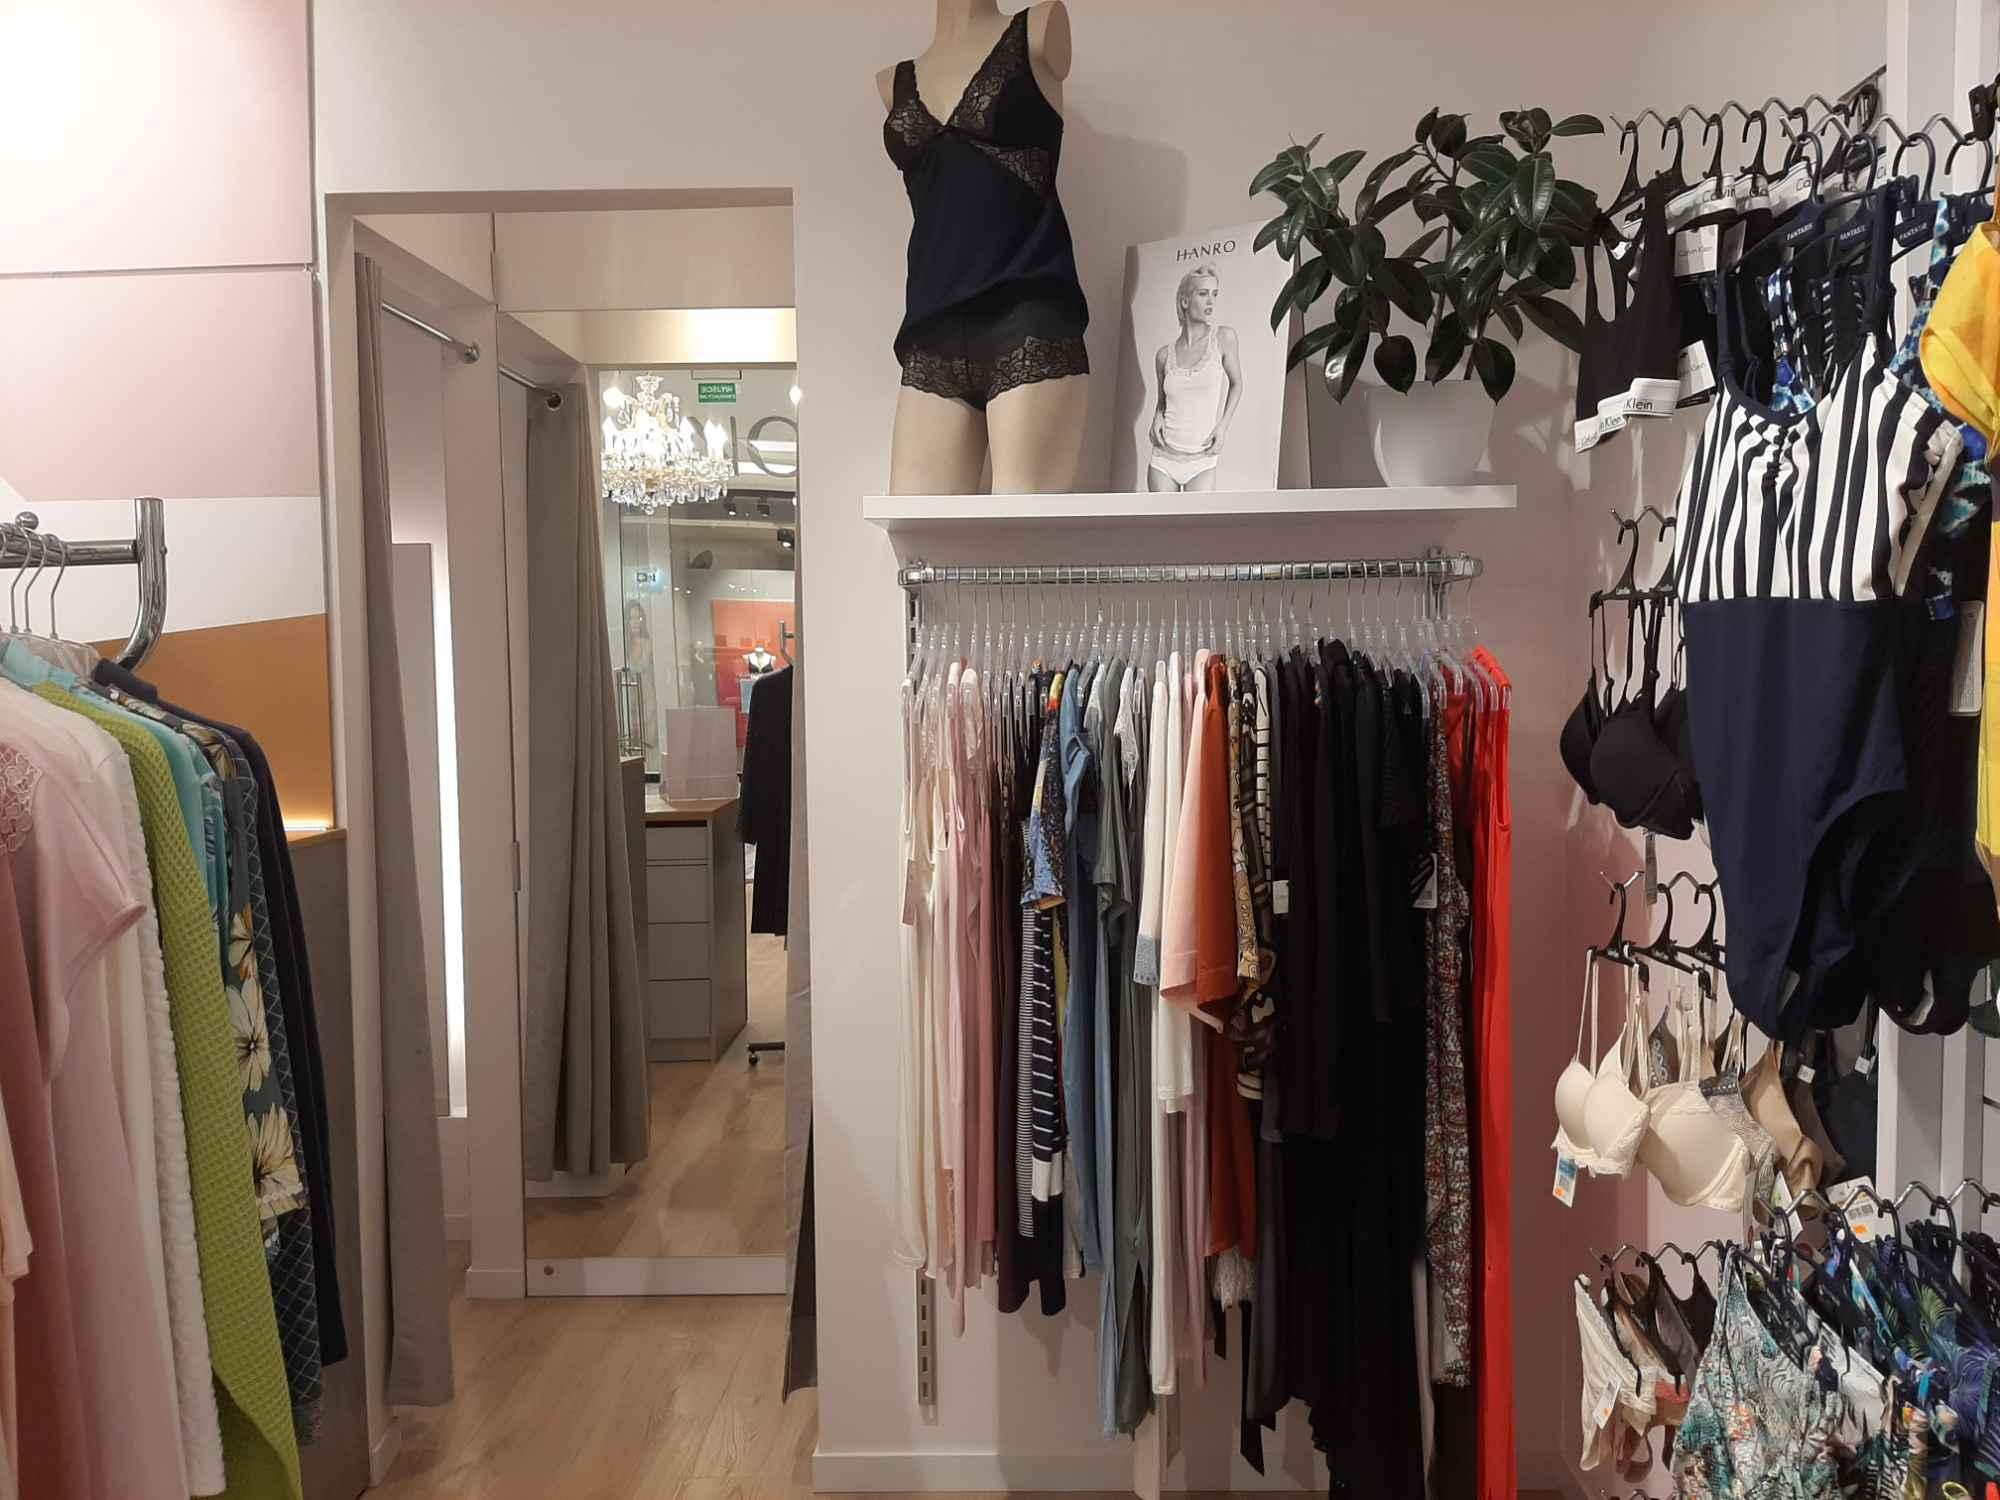 Odstąpię sklep bielizny w Warszawie (Atrium Promenada) 50m2 Śródmieście - zdjęcie 1